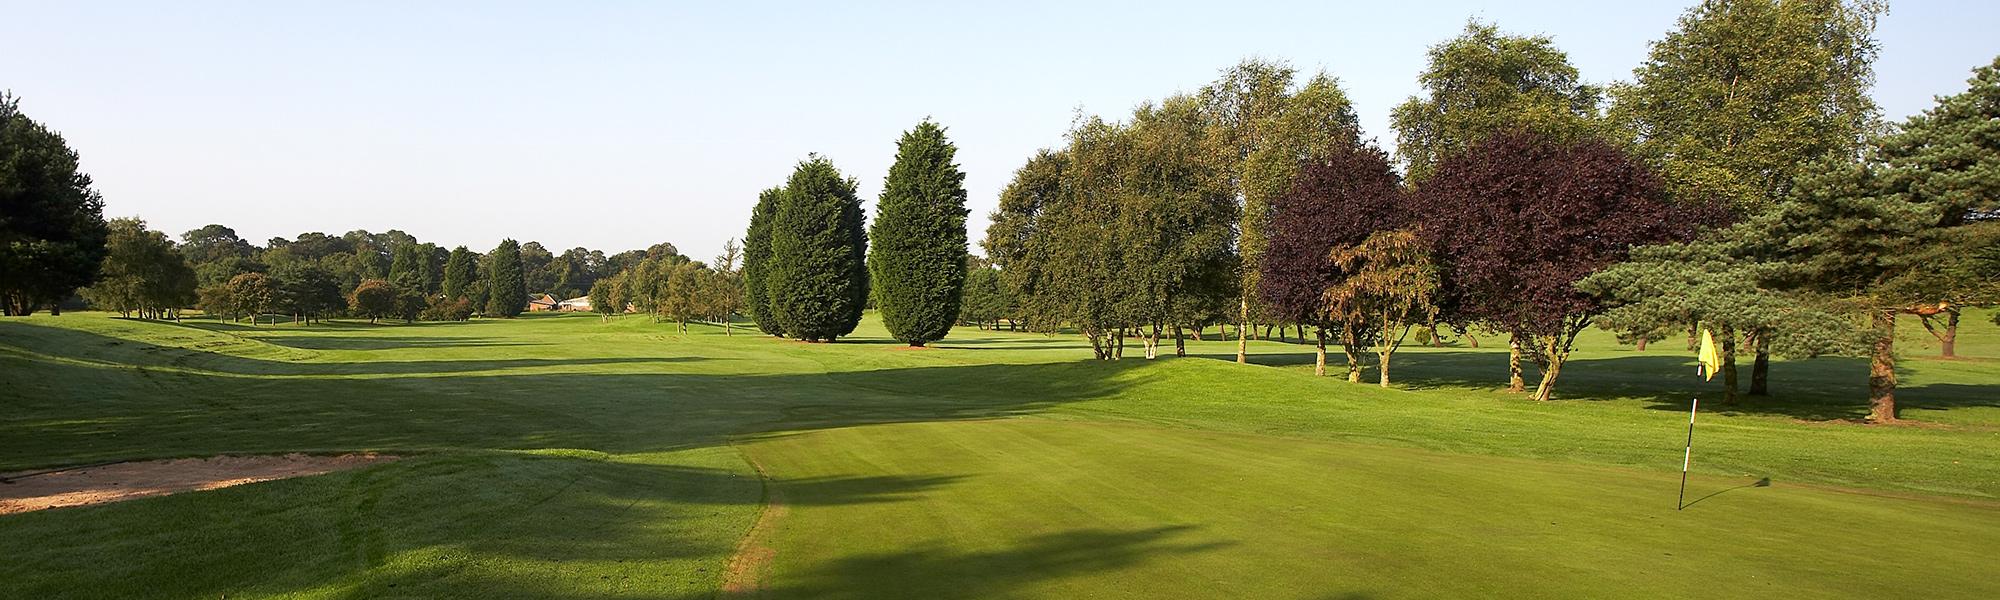 NectarSliderGanstead_2000x800_Golf5